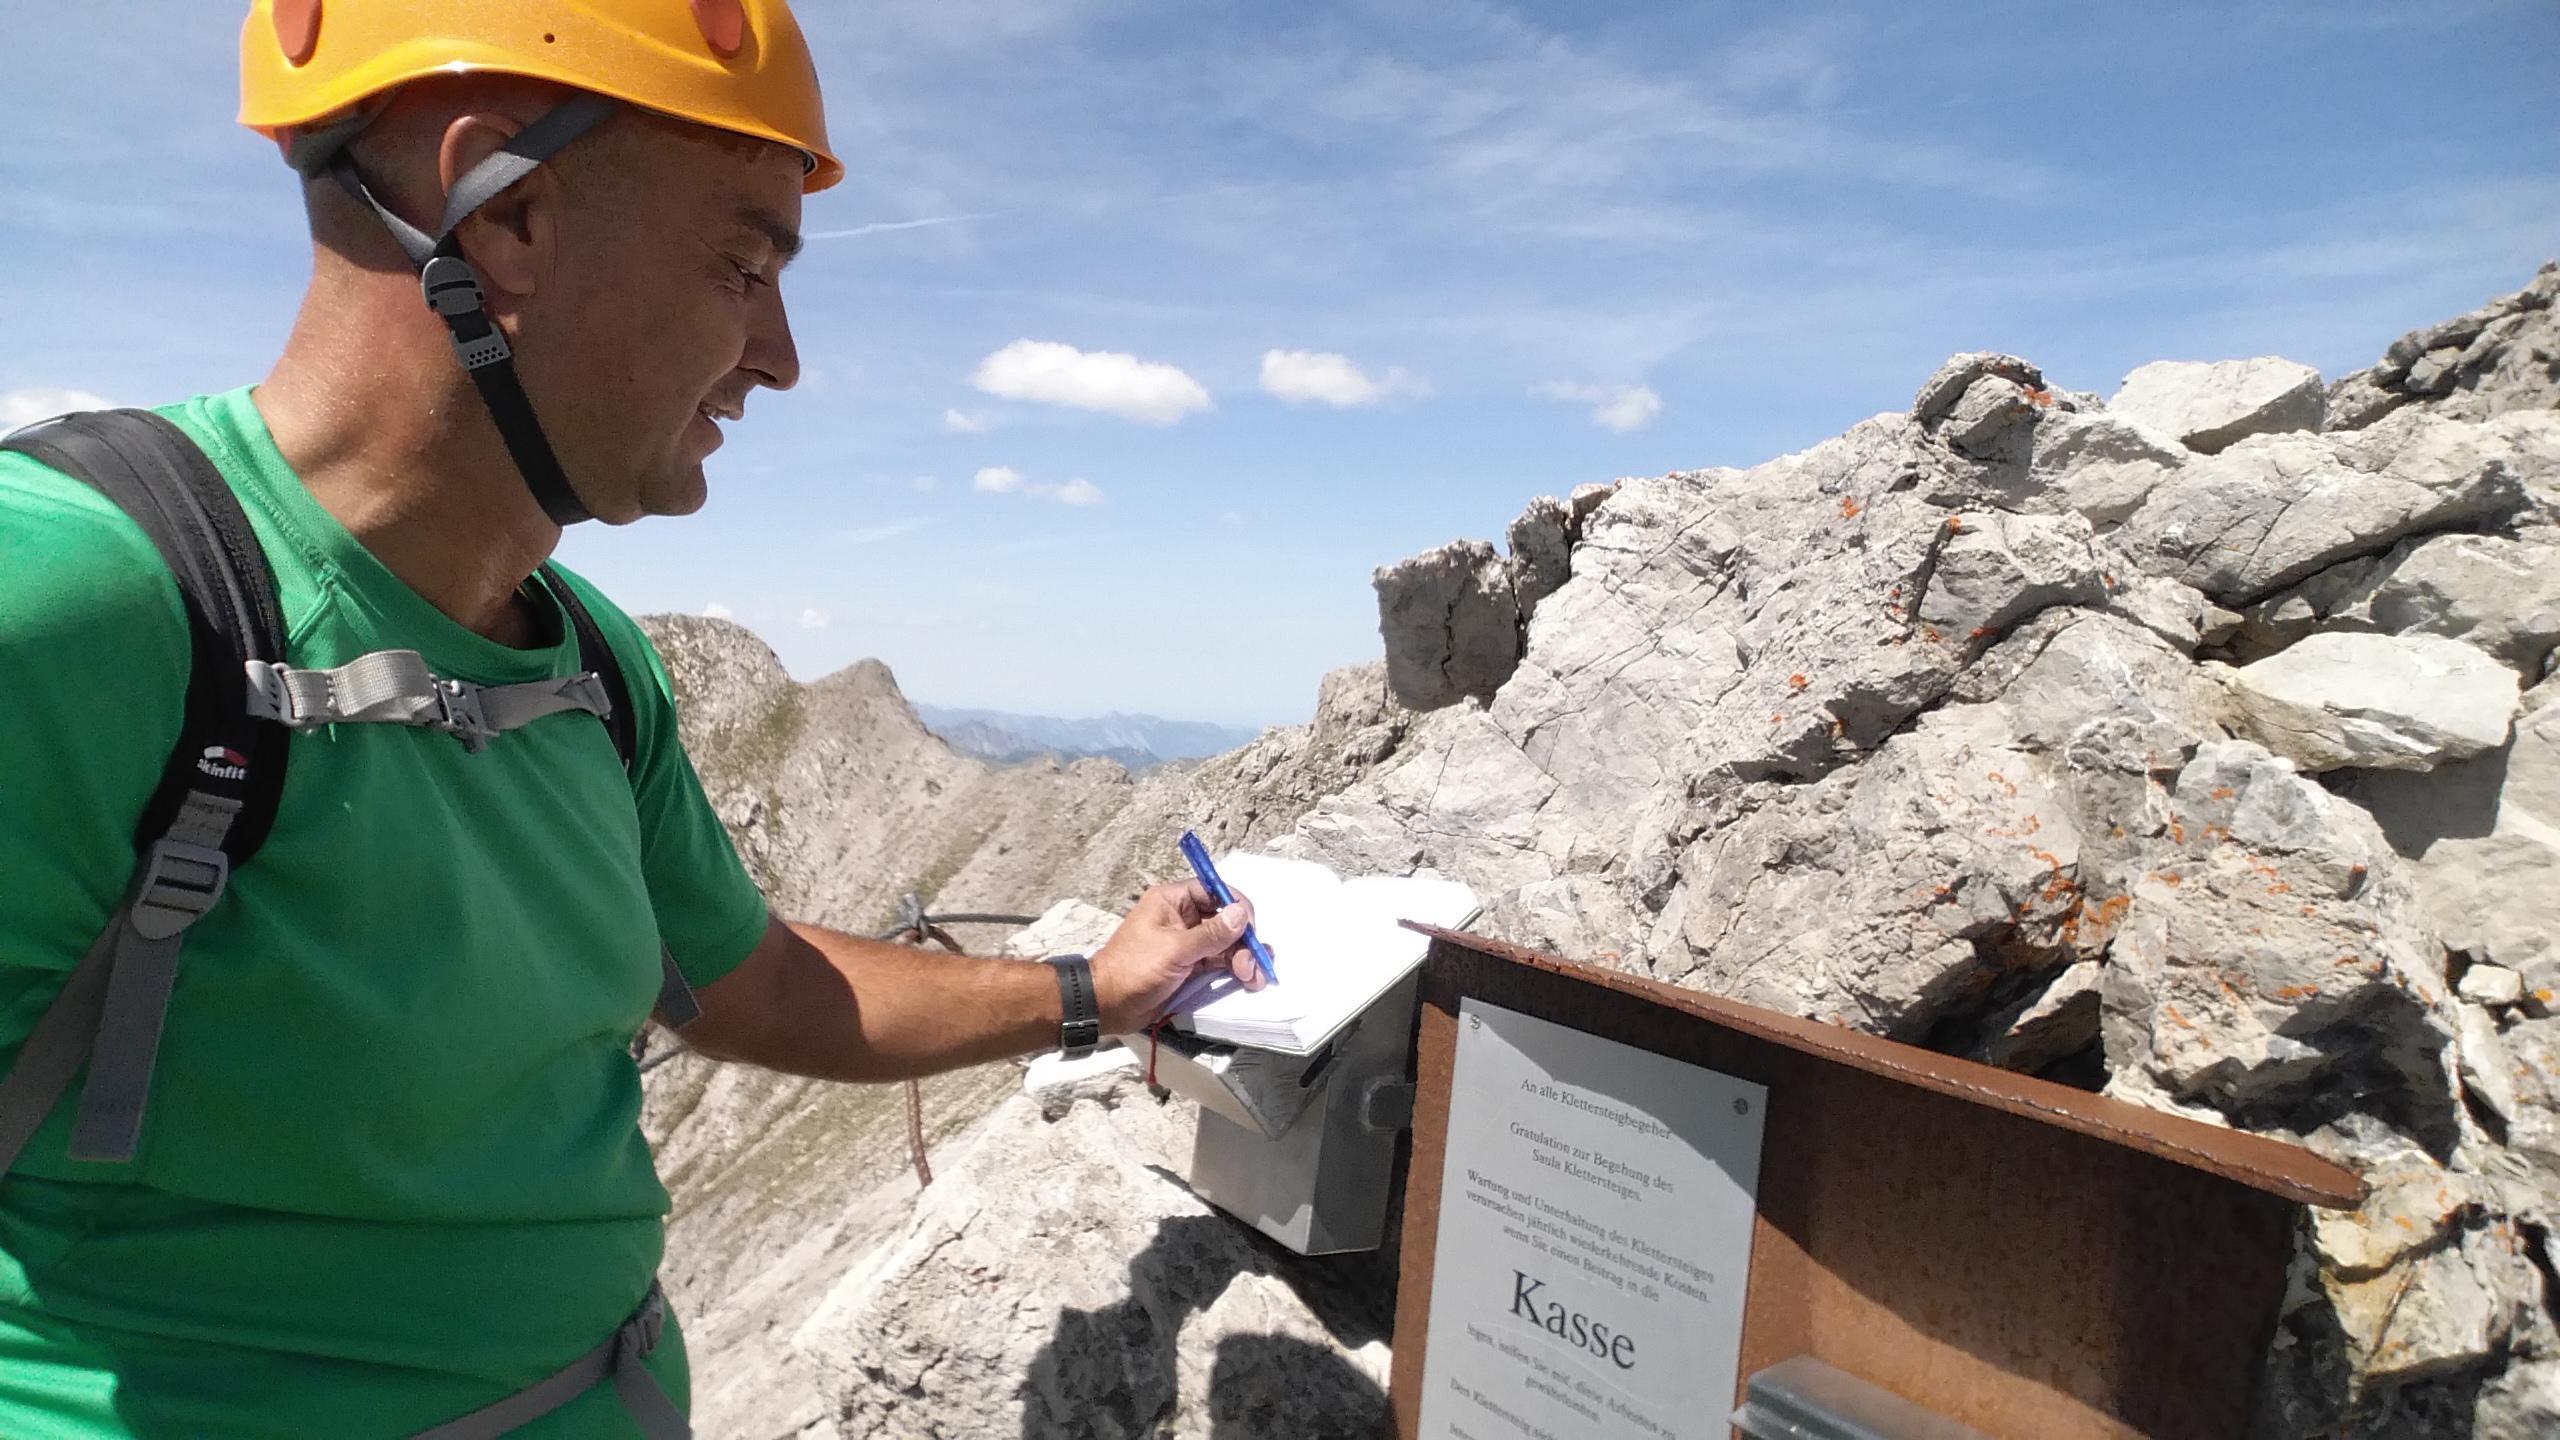 Klettersteig Saulakopf : Ausstieg klettersteig saulakopf urlaub in vorarlberg